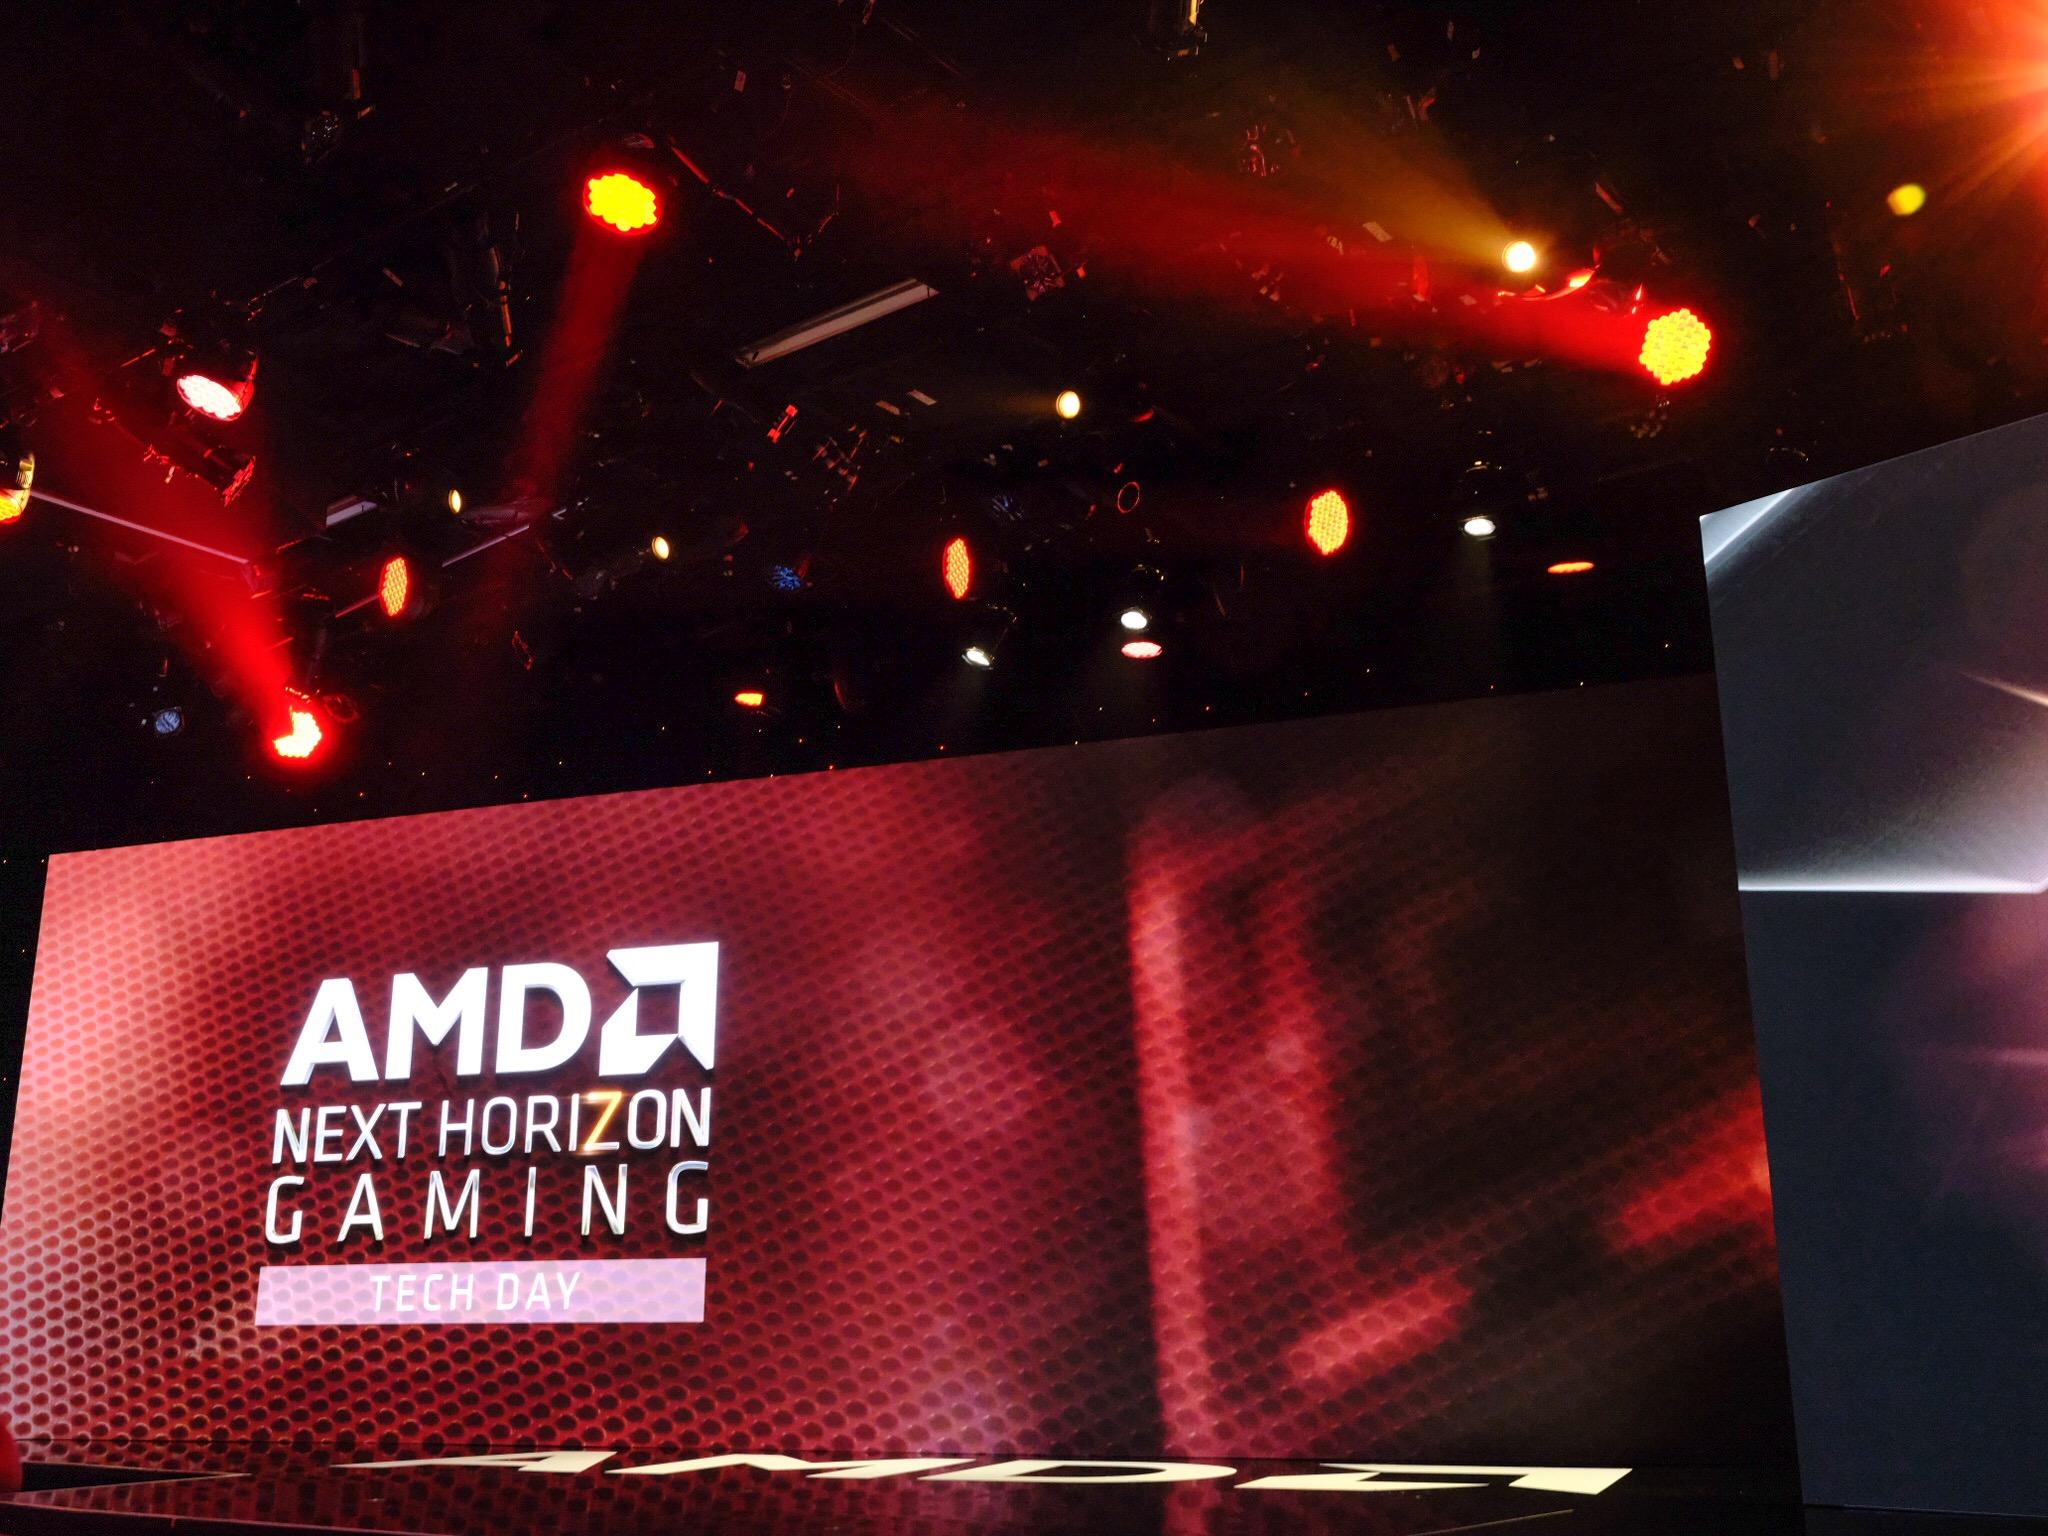 http://www.coolaler.com.tw/coolalercbb/AMD_E3/5.jpg